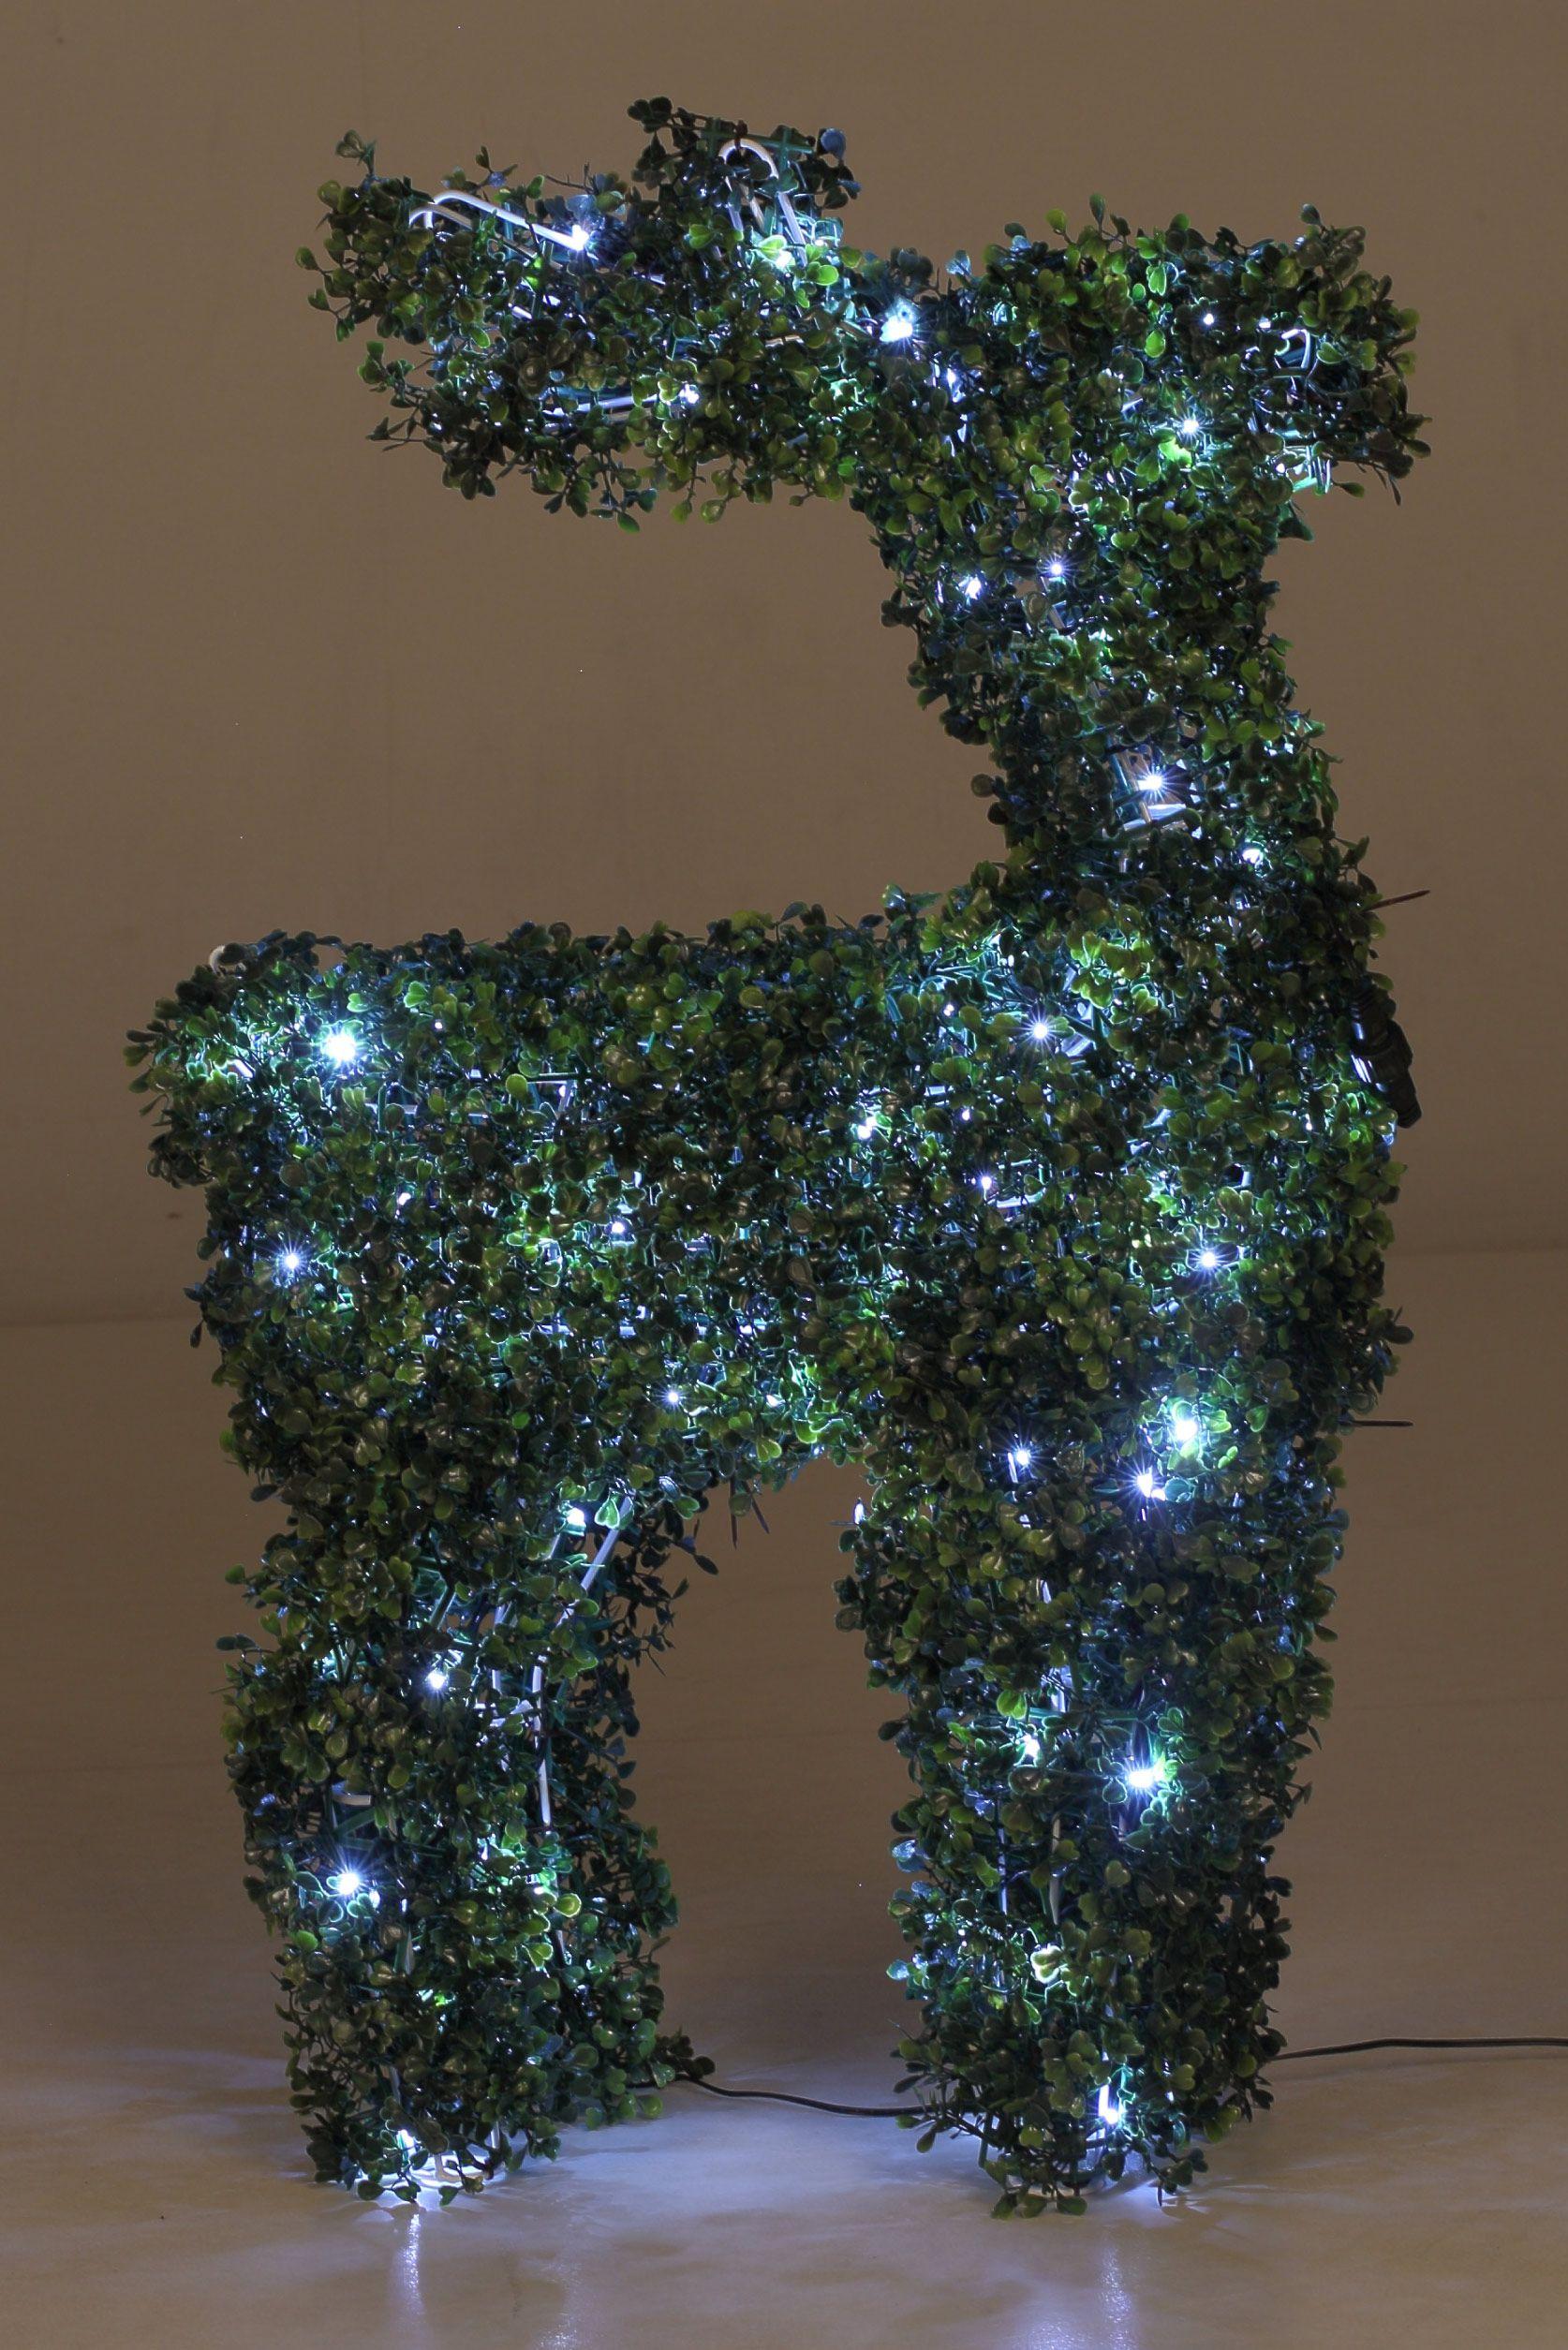 Weihnachtsdeko Beleuchtet.Weihnachtsdeko Beleuchtet Rentier Figur 82 Cm Hoch Als Beleuchtete